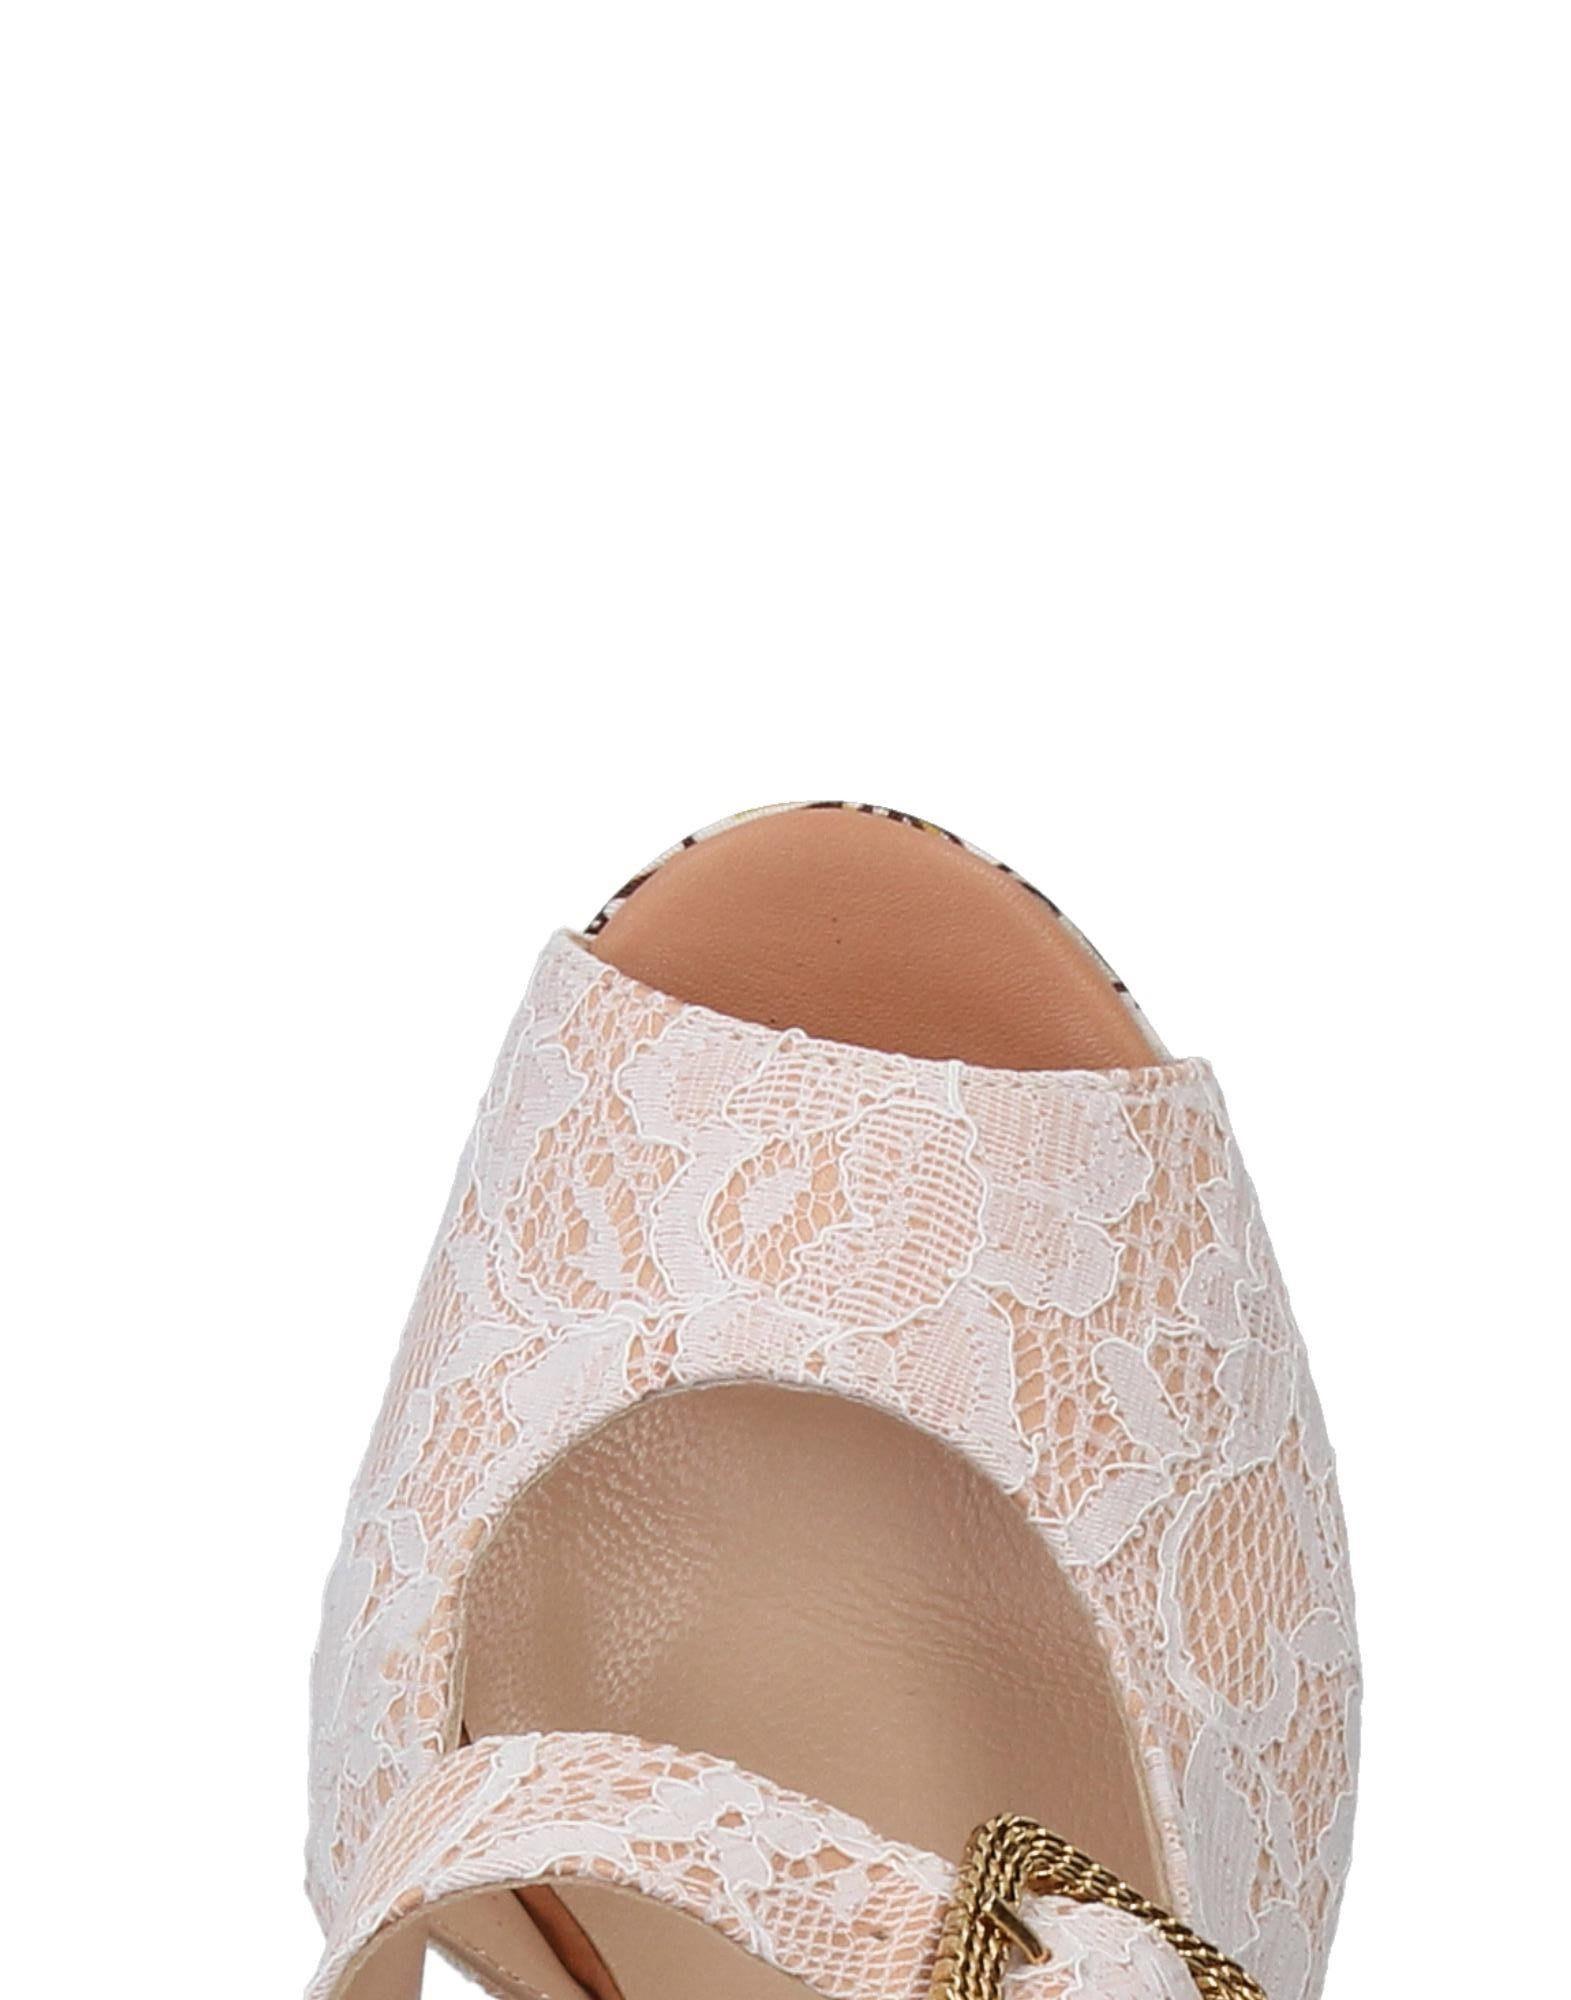 Fiorangelo Sandalen Damen  Schuhe 11378388DE Gute Qualität beliebte Schuhe  e7e27d